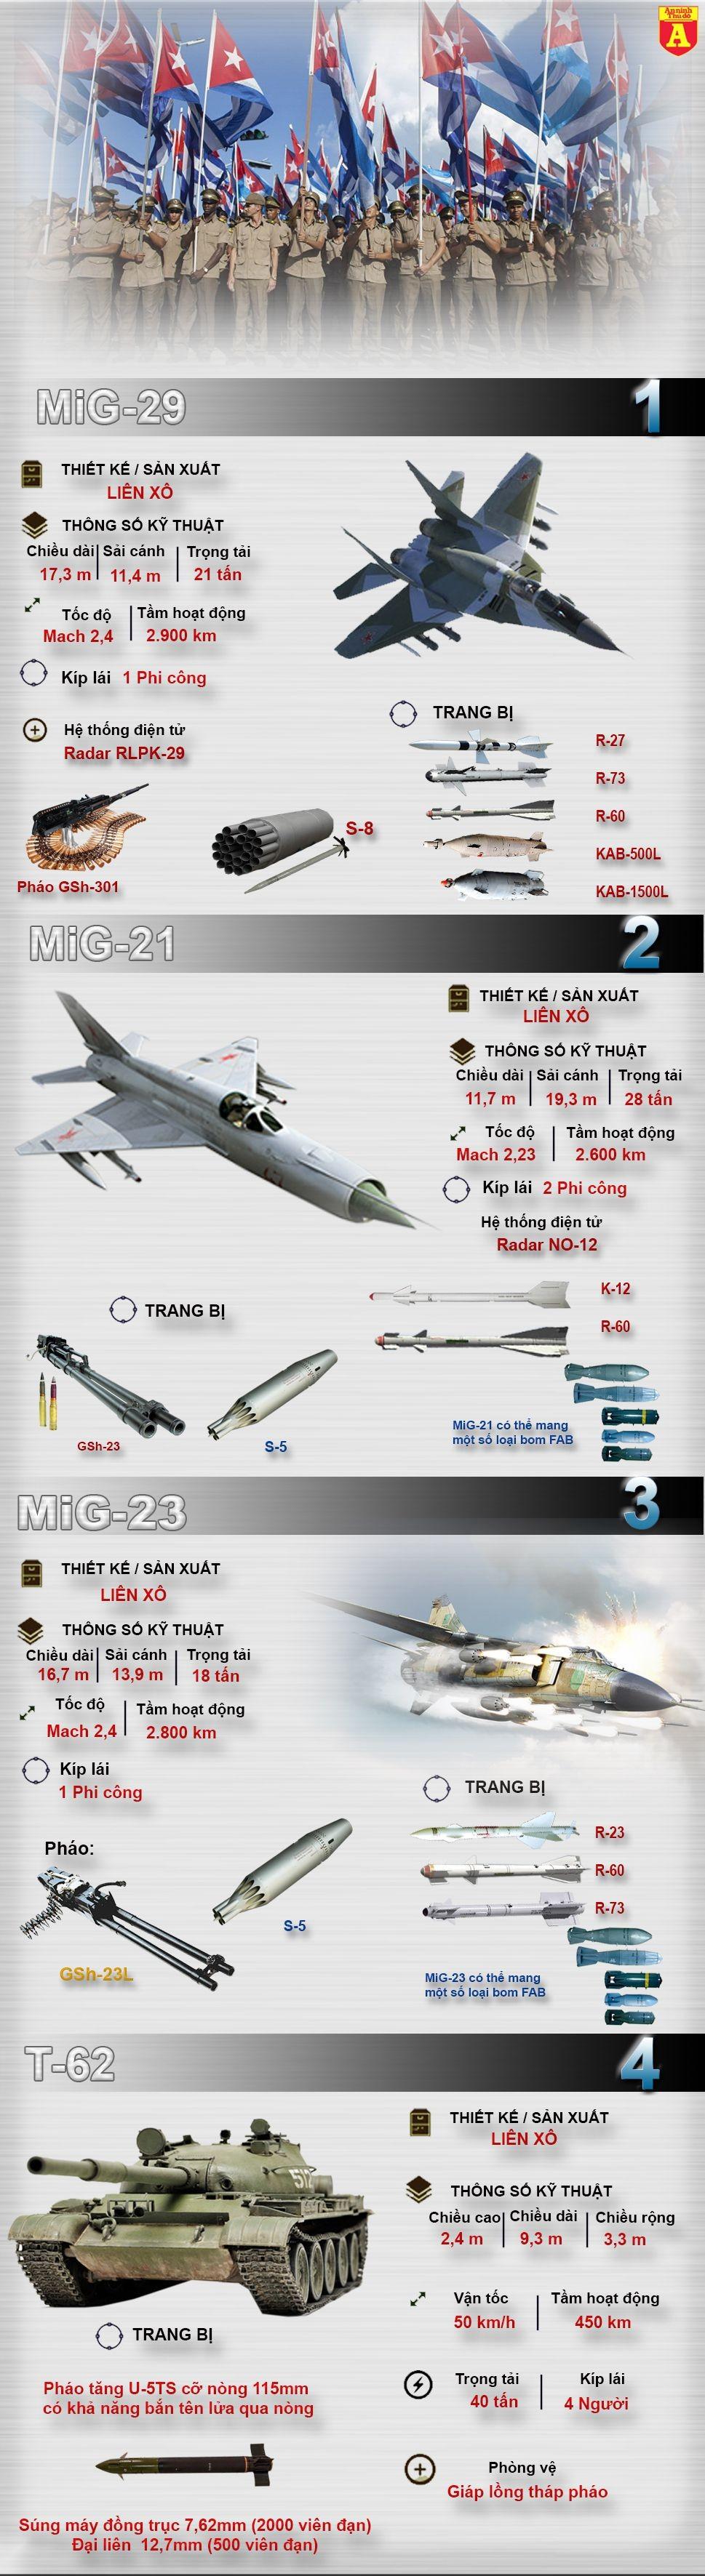 [Infographic] Tiềm lực quân sự đáng gờm của đảo quốc Cuba (1)